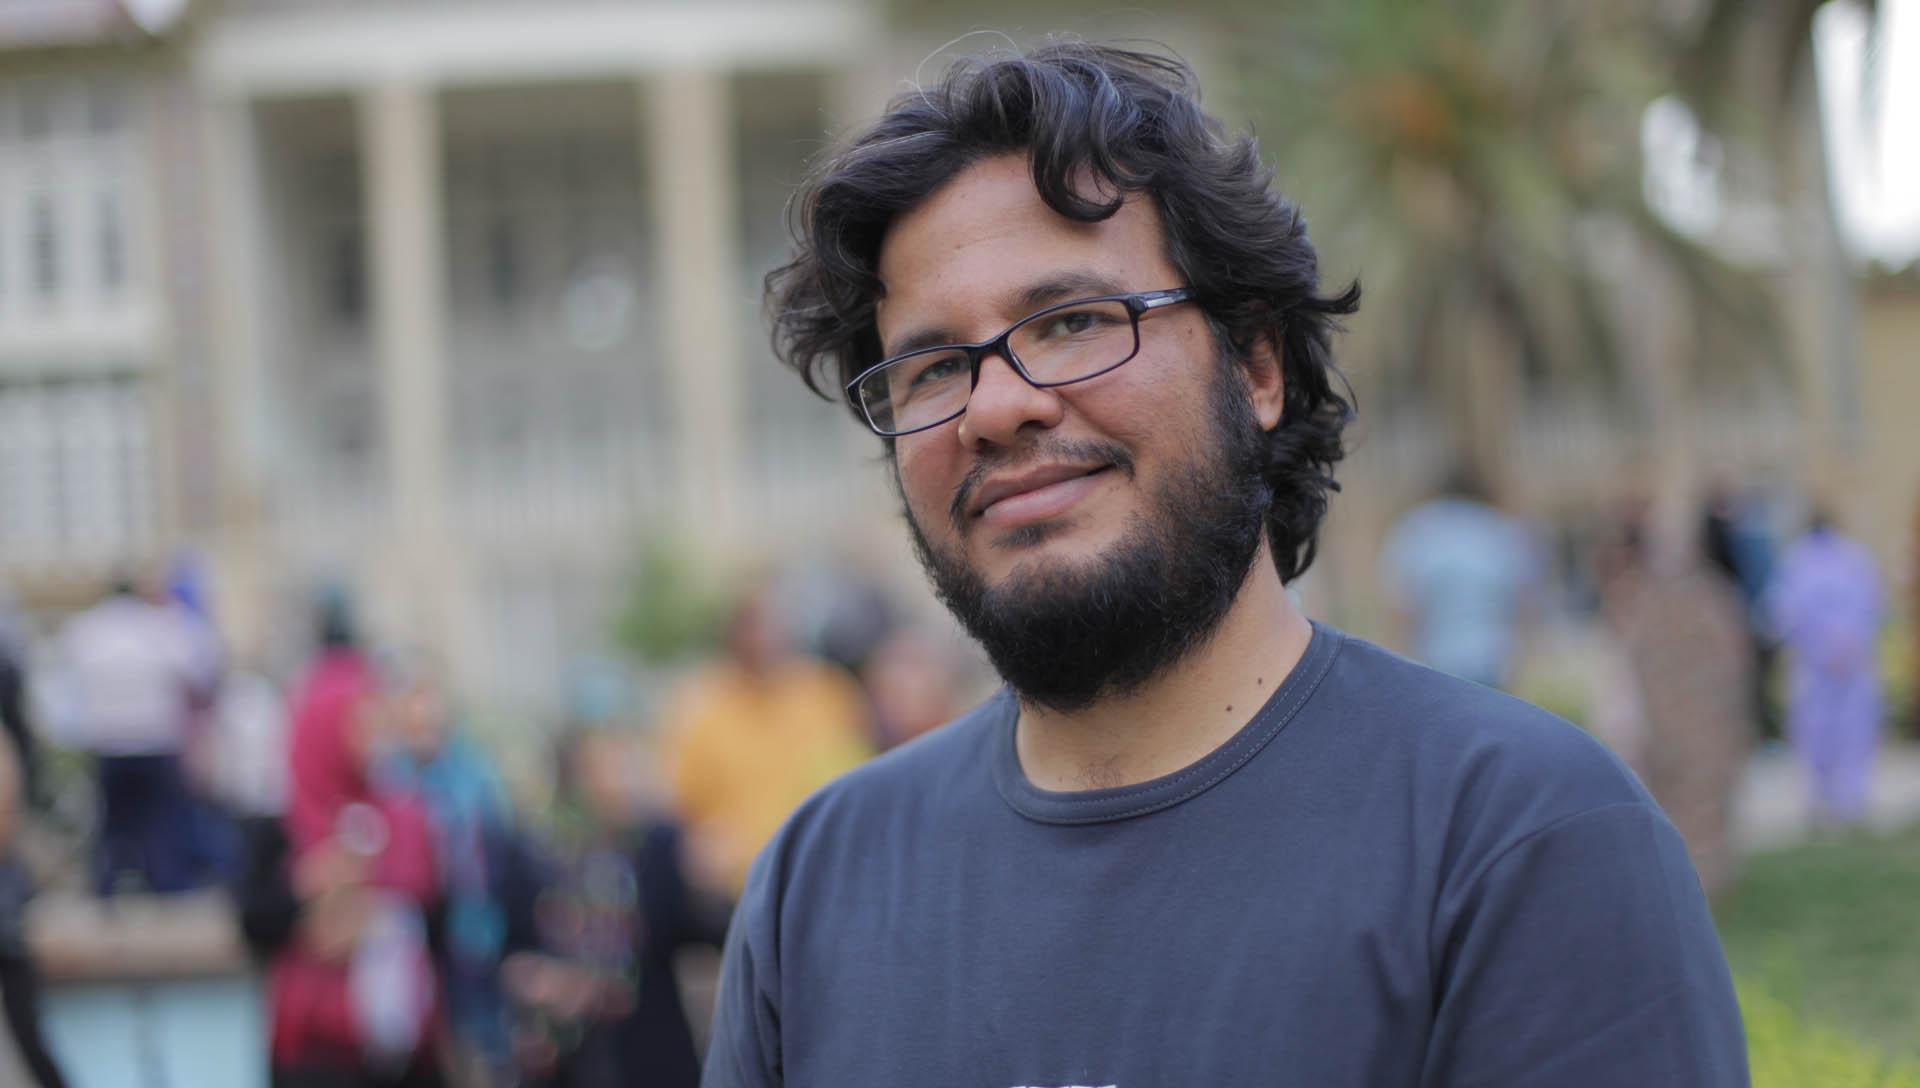 امید شریفی - شرکت فیلم سازی زوم شیراز برادران شریفی